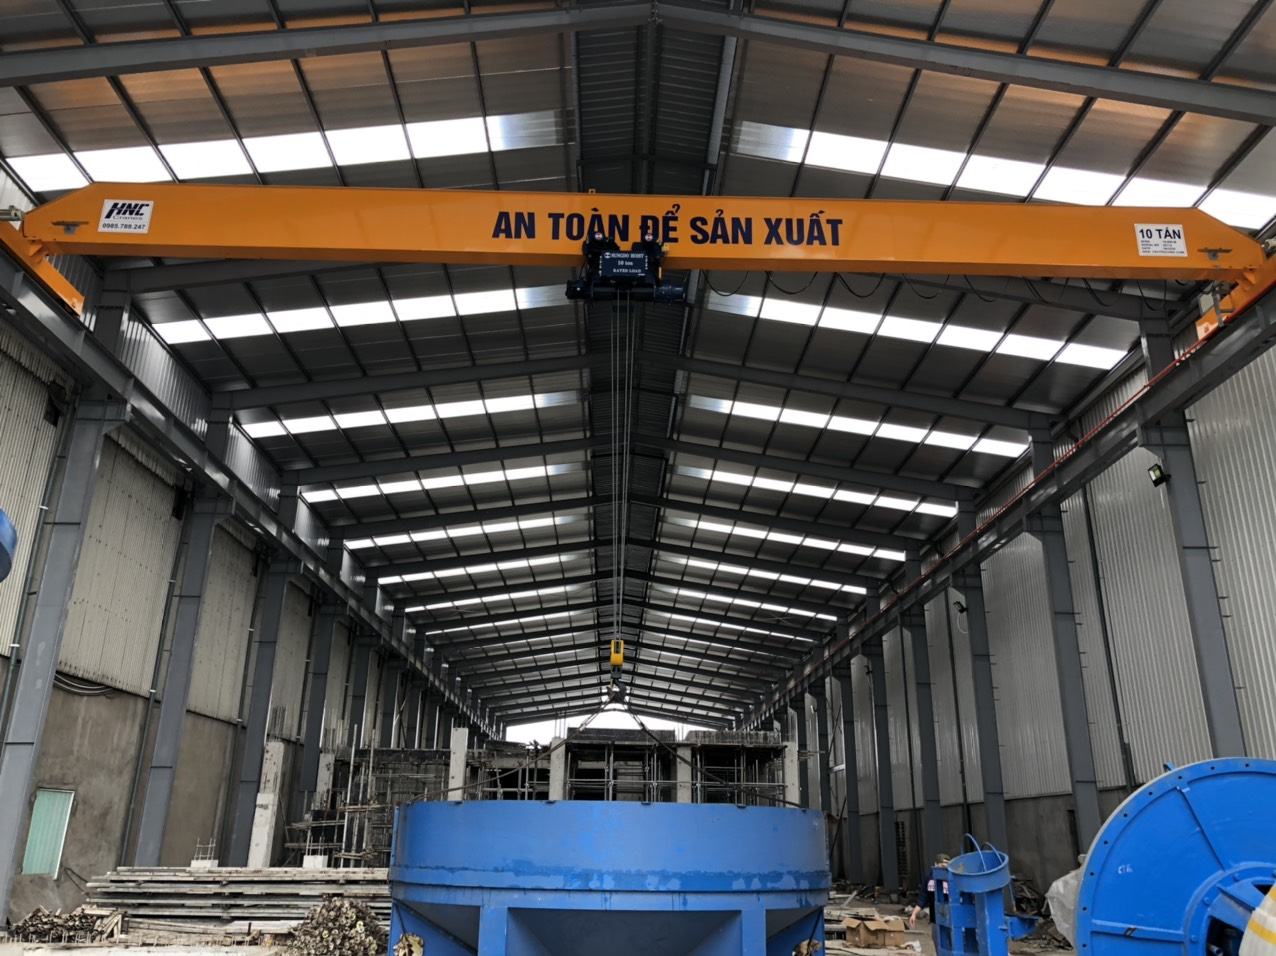 Cầu trục 10 tấn nhà máy xi măng Ninh Bình